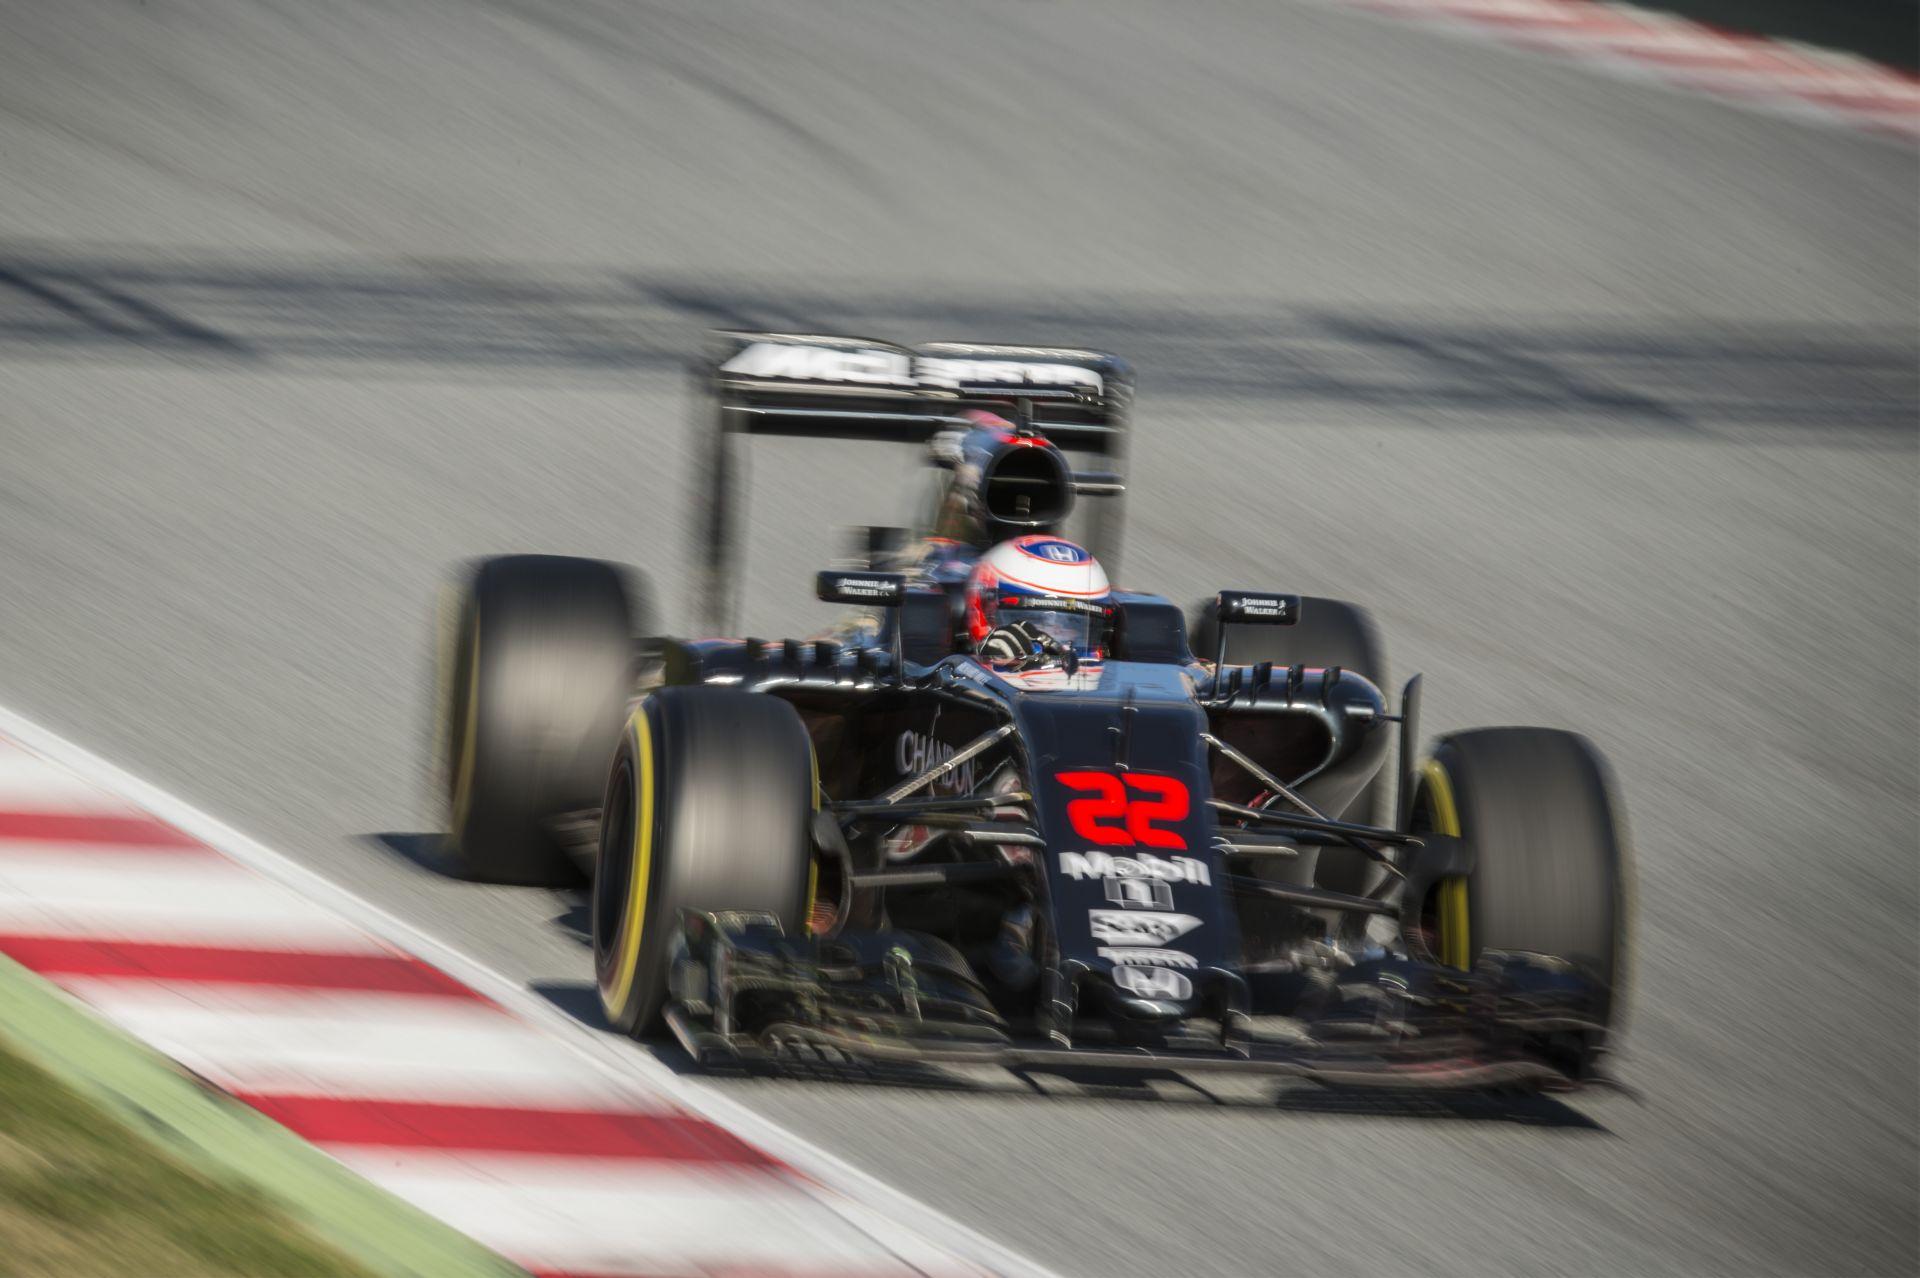 Button szerint nincs olyan pilóta a mezőnyben, aki elég jó lenne a helyére a McLarennél